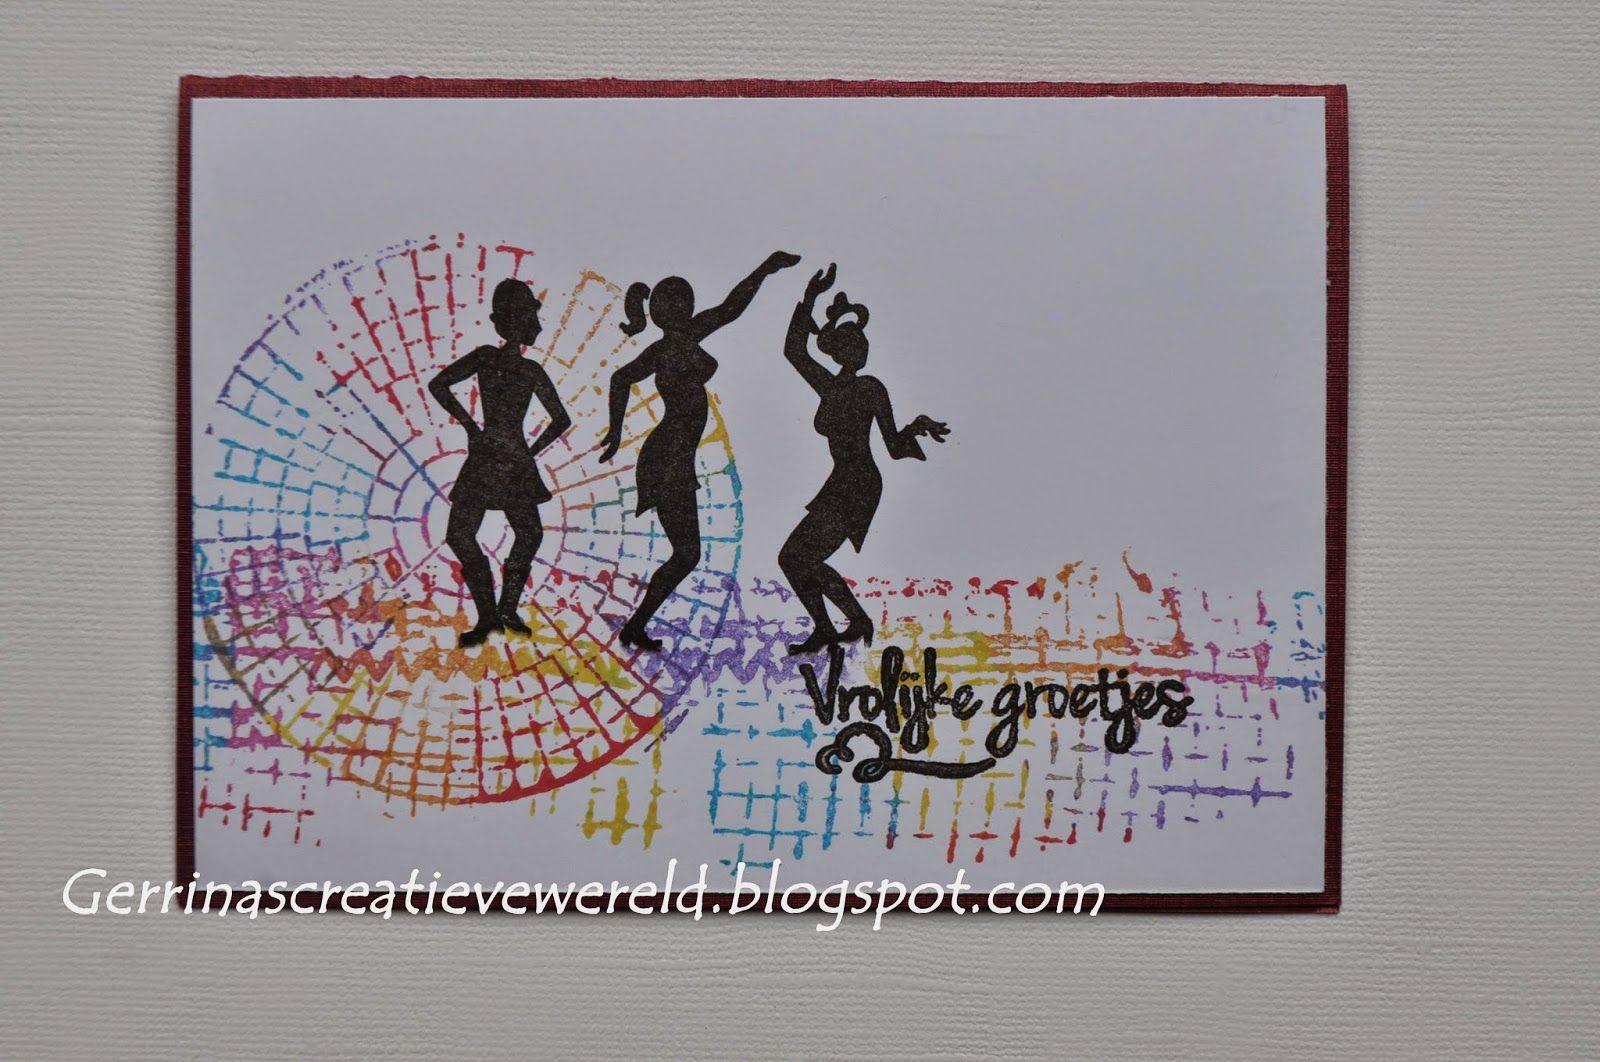 Gerrina's Creatieve Wereld: Bonte kleuren 4 / Varicoloured 4